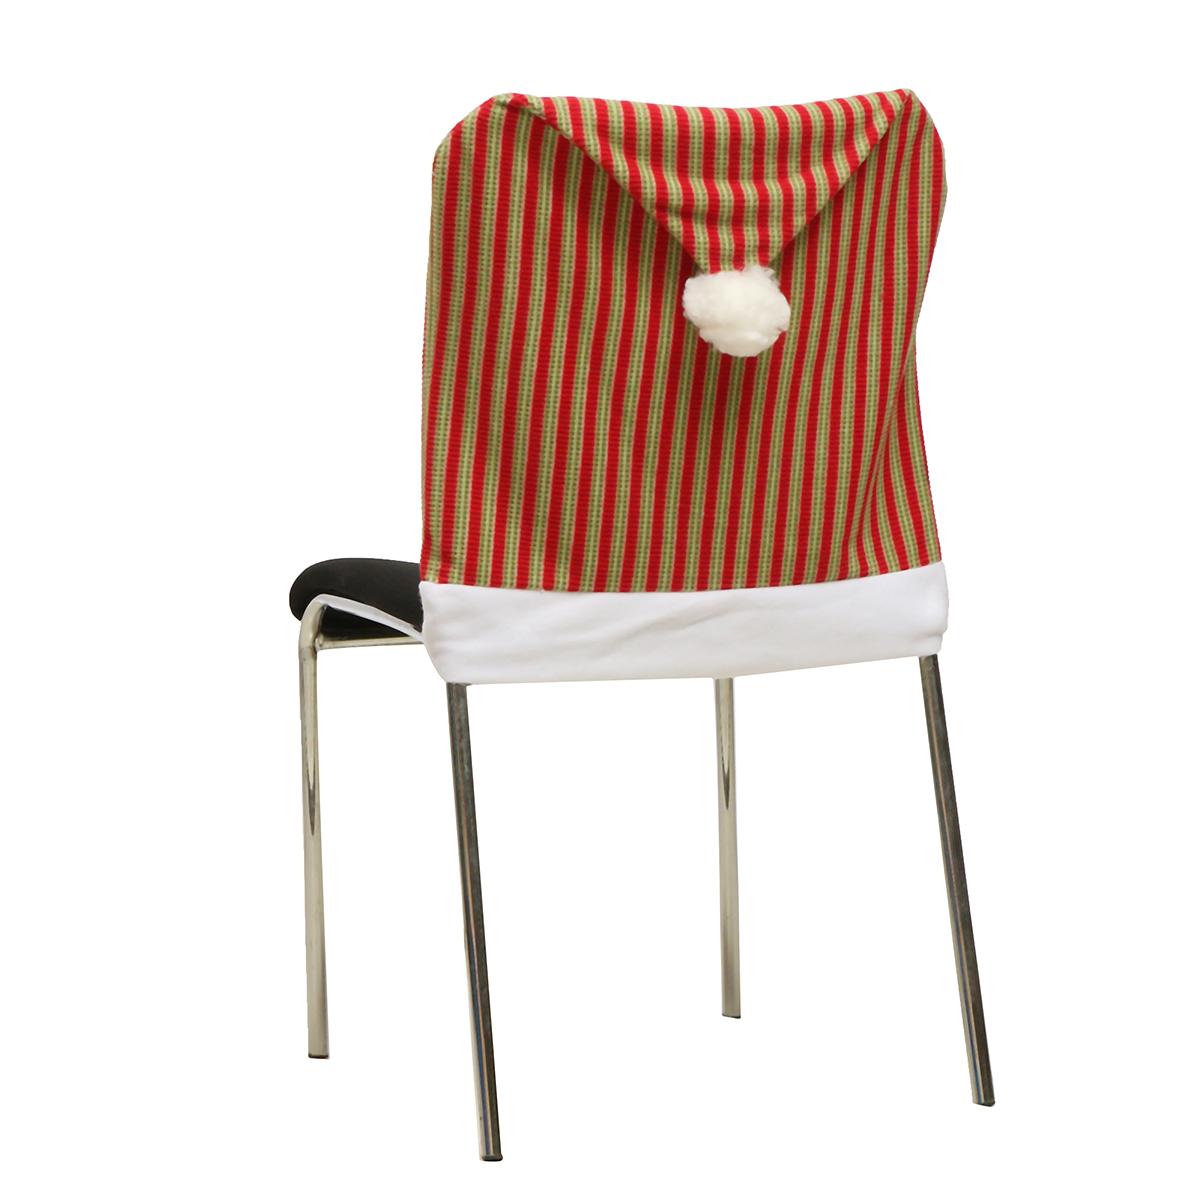 santa chair covers australia plush bean bag 70x50cm christmas vertical stripes seat cover hotel